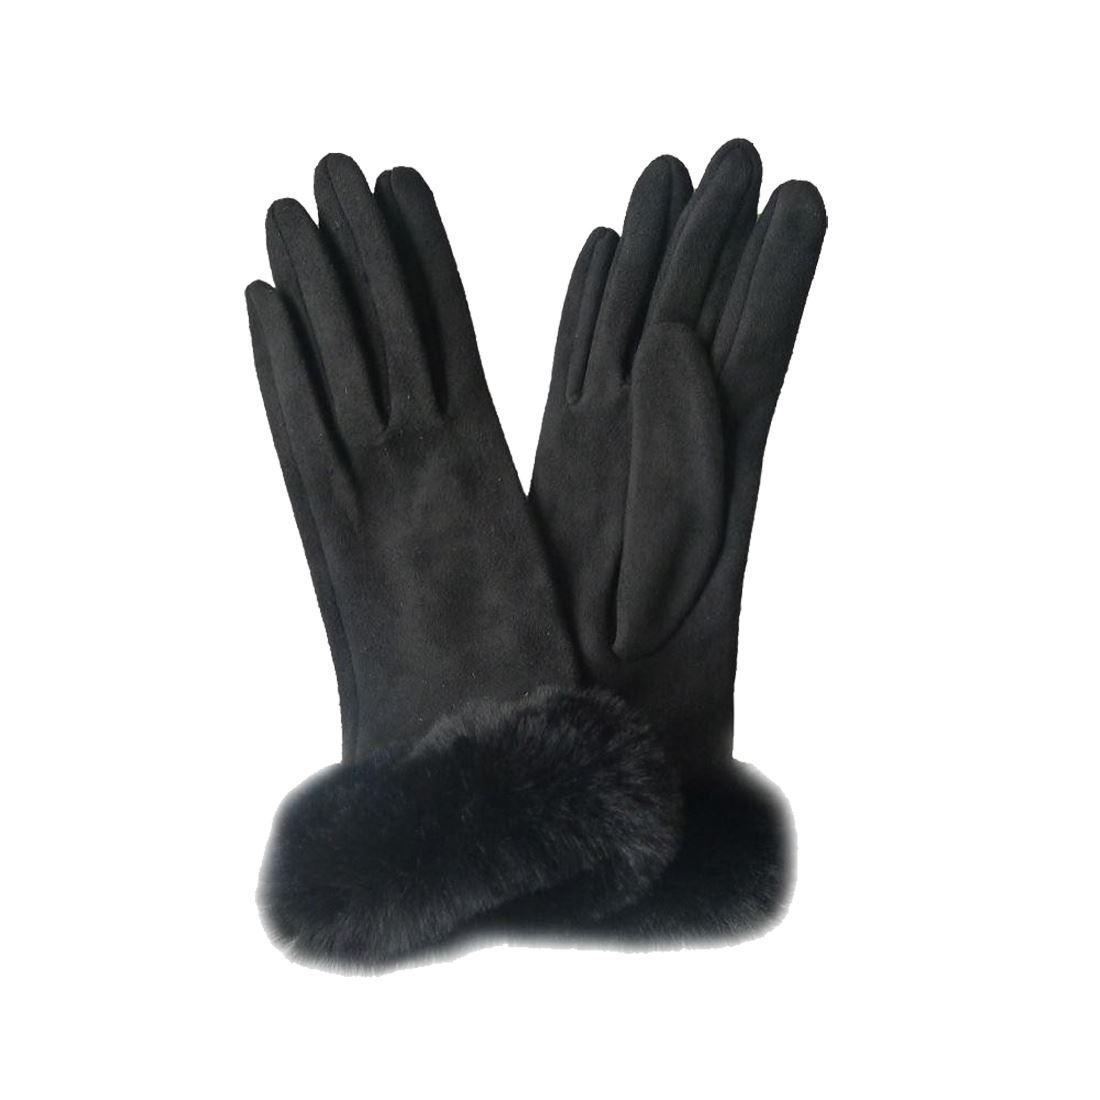 0a1385bd79ac9 New Faux Fur Cuff Pom Pom Wool Suede Ladies Elegant Winter Gloves   eBay